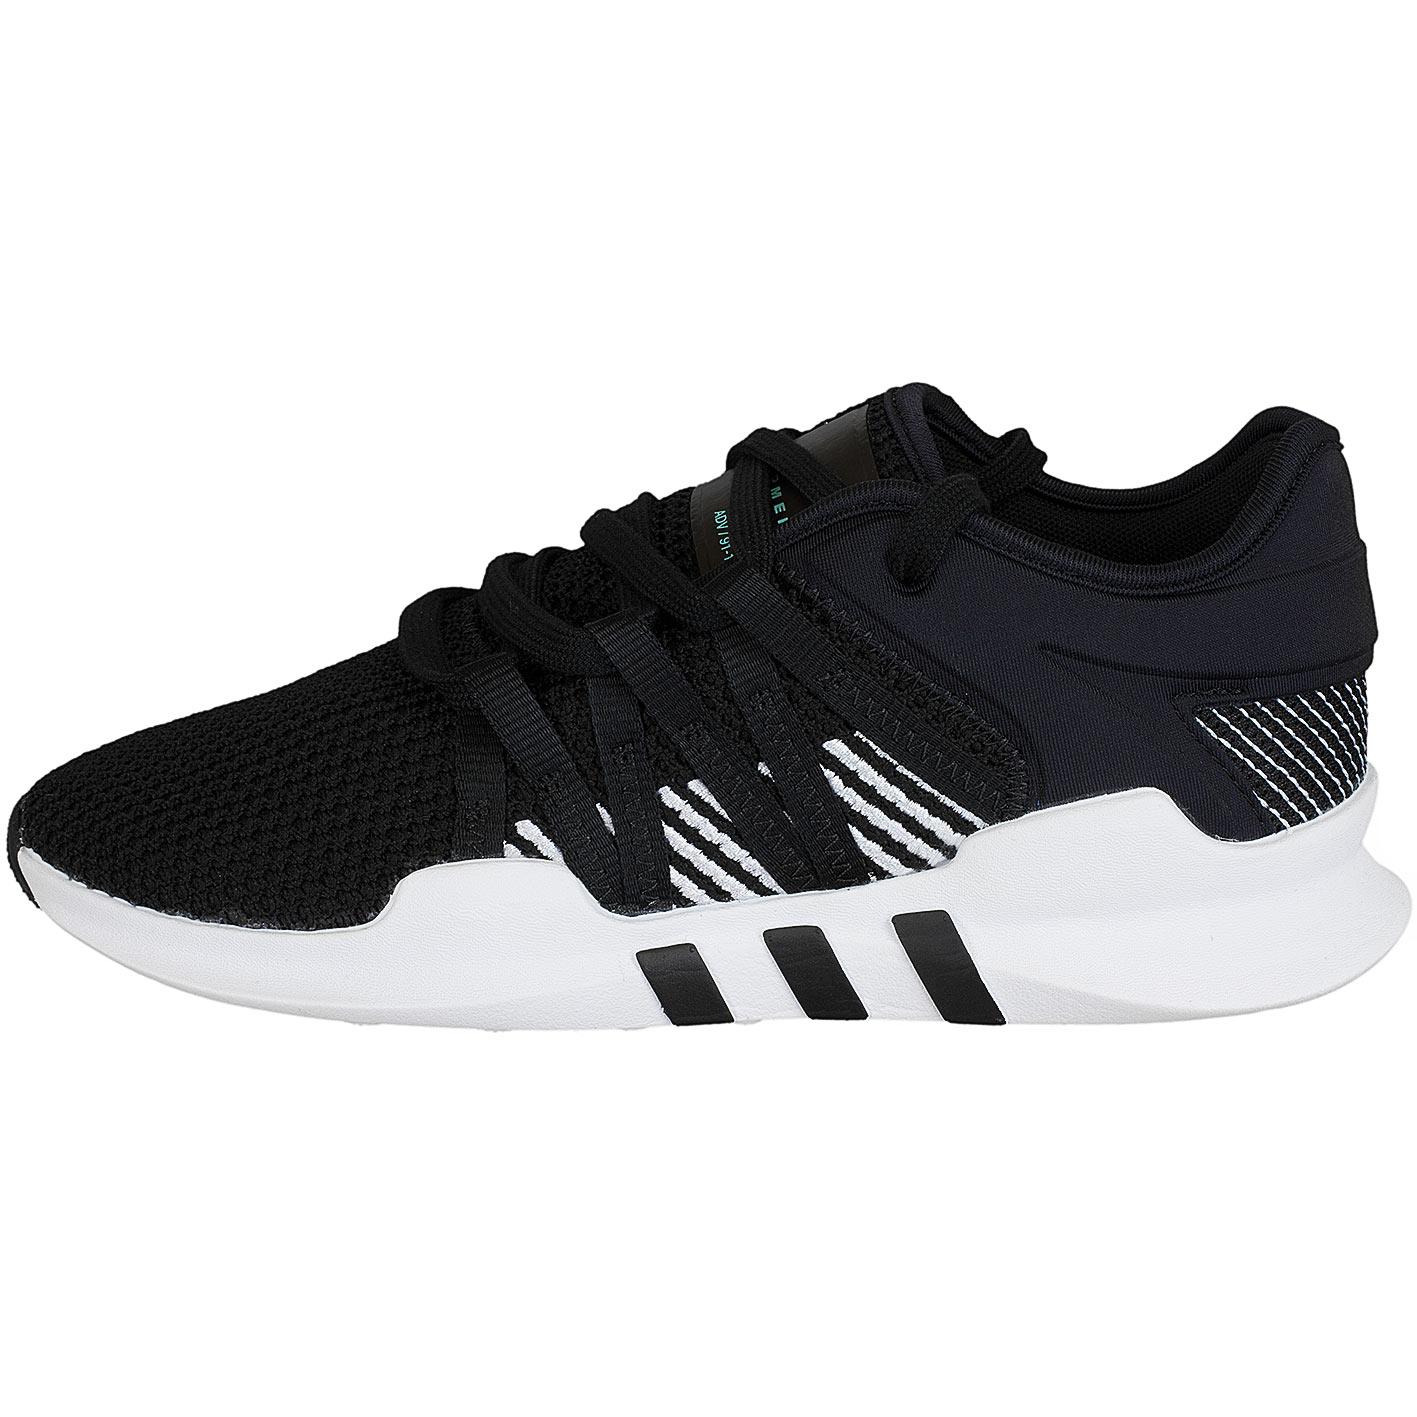 designer fashion 66f26 3dc09 Adidas Originals Damen Sneaker Equipment Racing ADV schwarzschwarzweiß